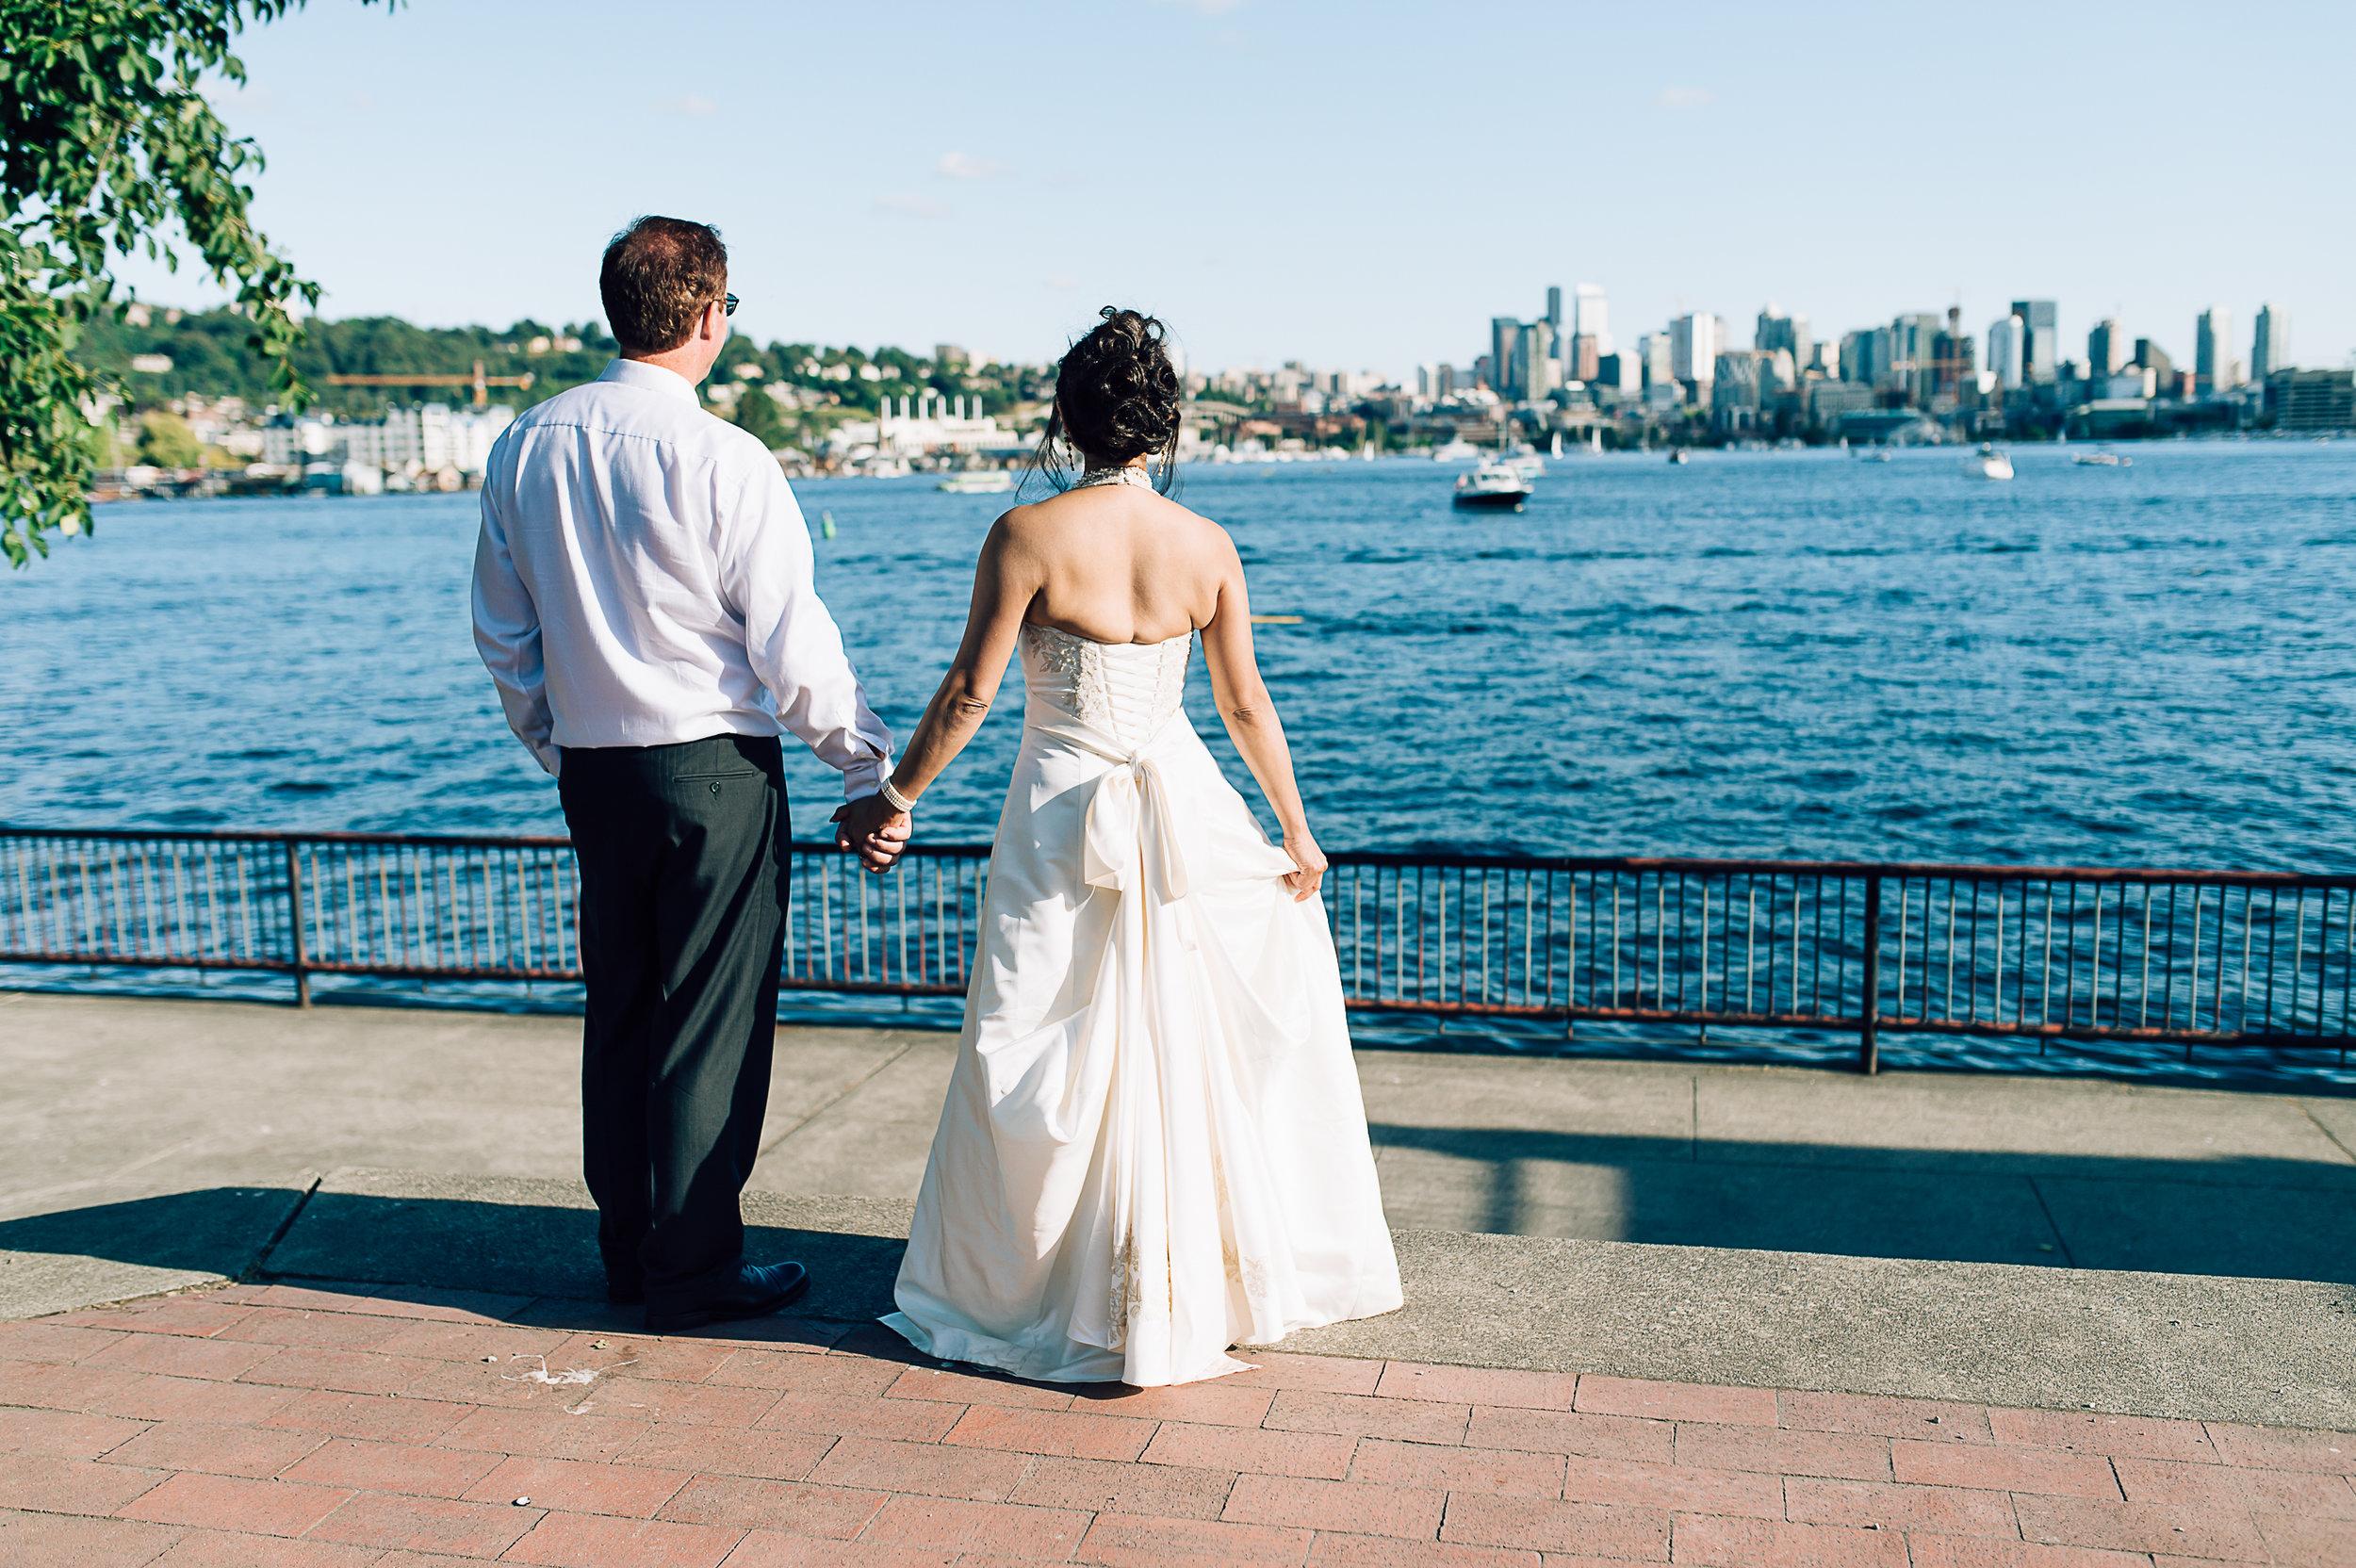 destinationwedding_Seattle_virginiaphotographer_youseephotography_LidiaOtto (523).jpg